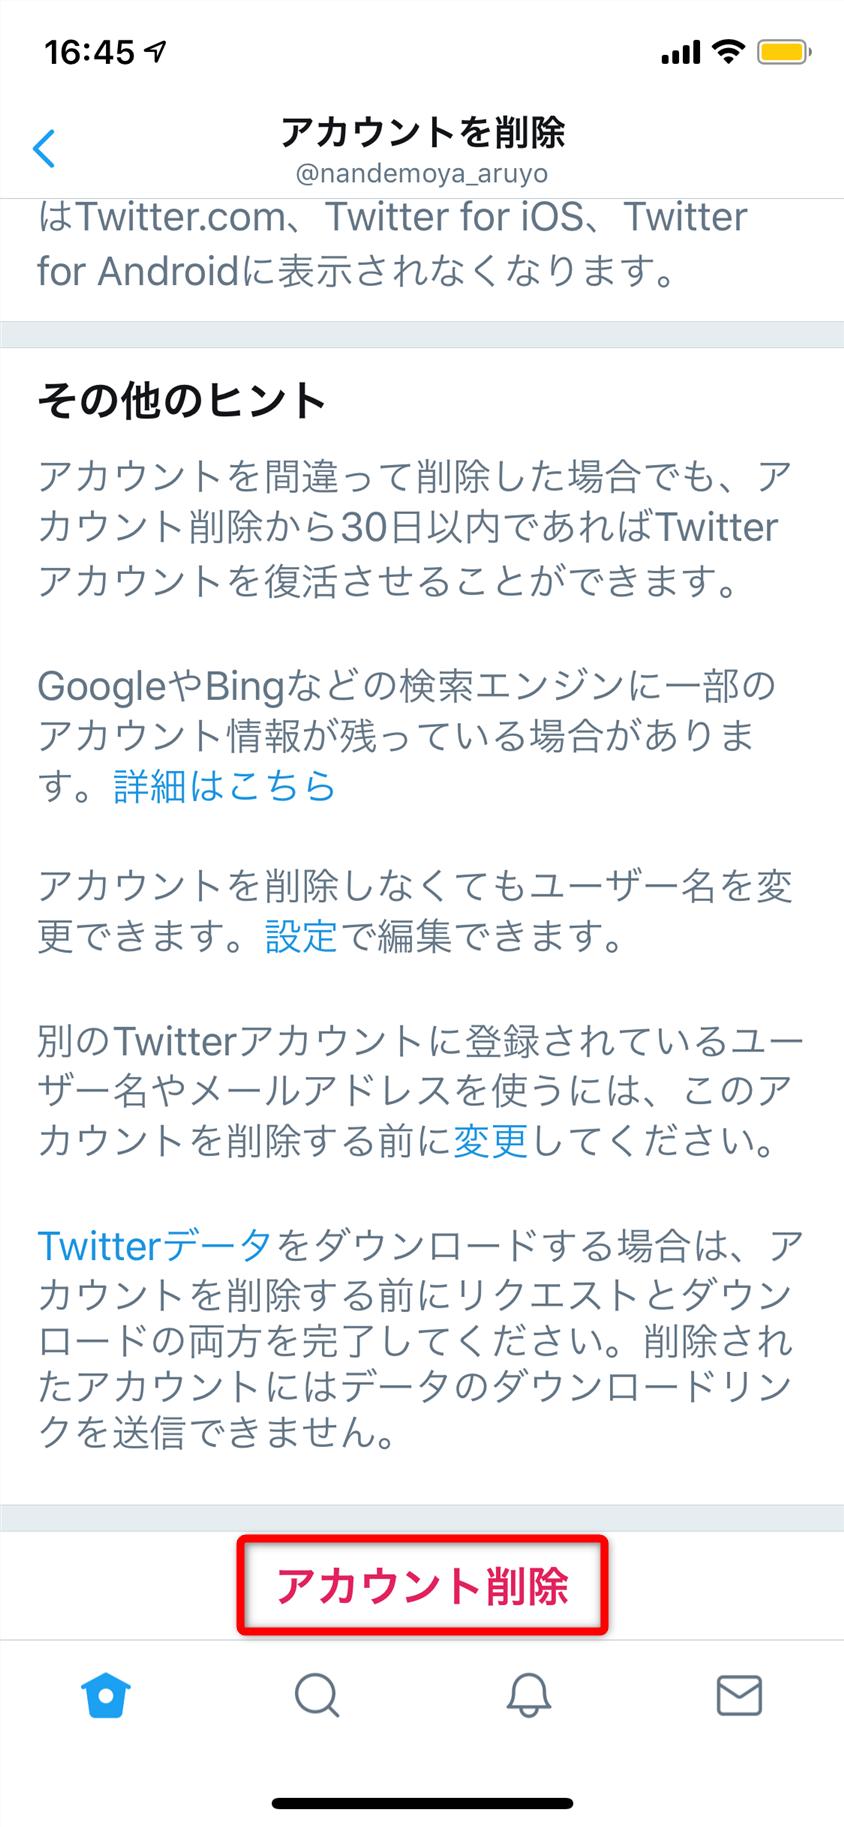 消し方 twitter アカウント